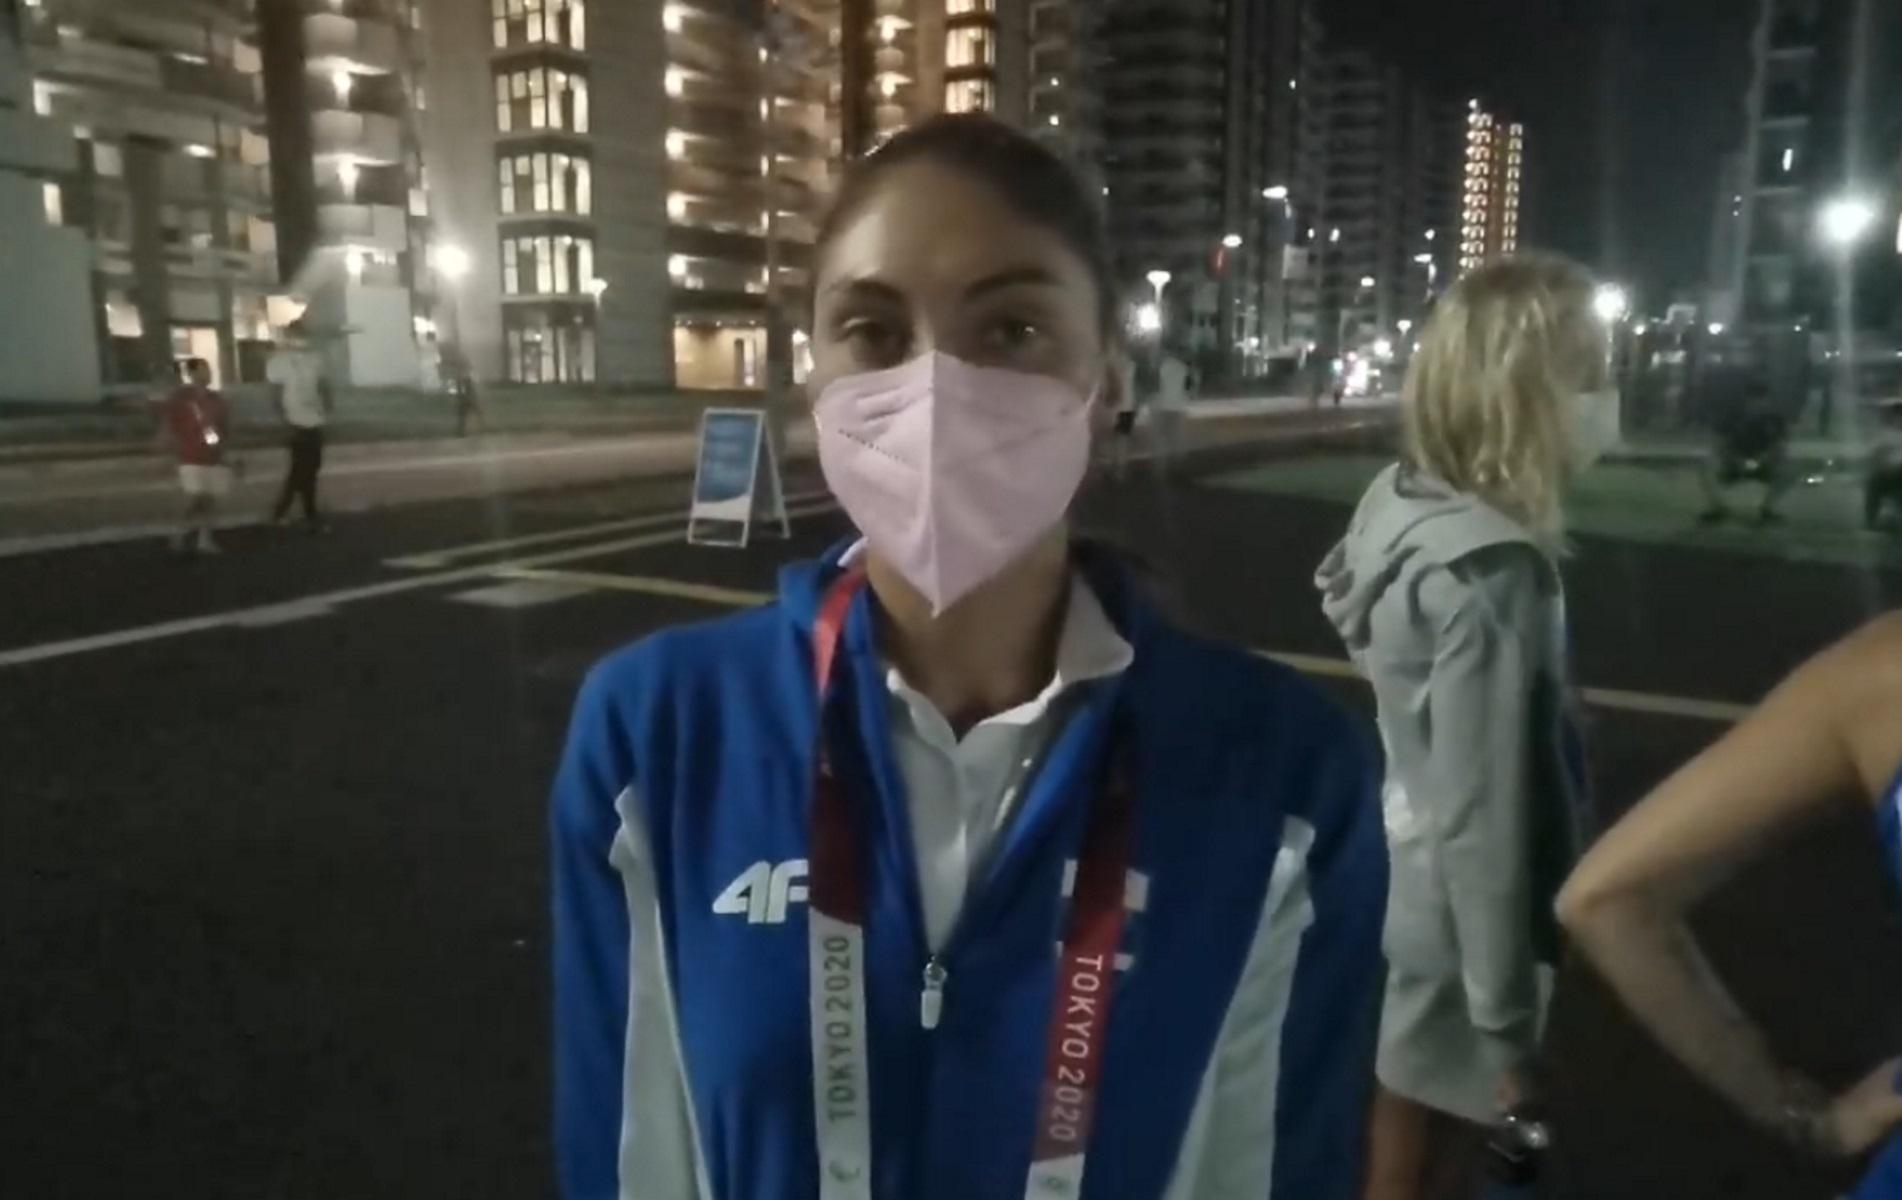 Ολυμπιακοί Αγώνες – Ευαγγελία Πλατανιώτη: «Είναι θαύμα ότι είμαι στο Τόκιο, πέρασα πολύ δύσκολα»